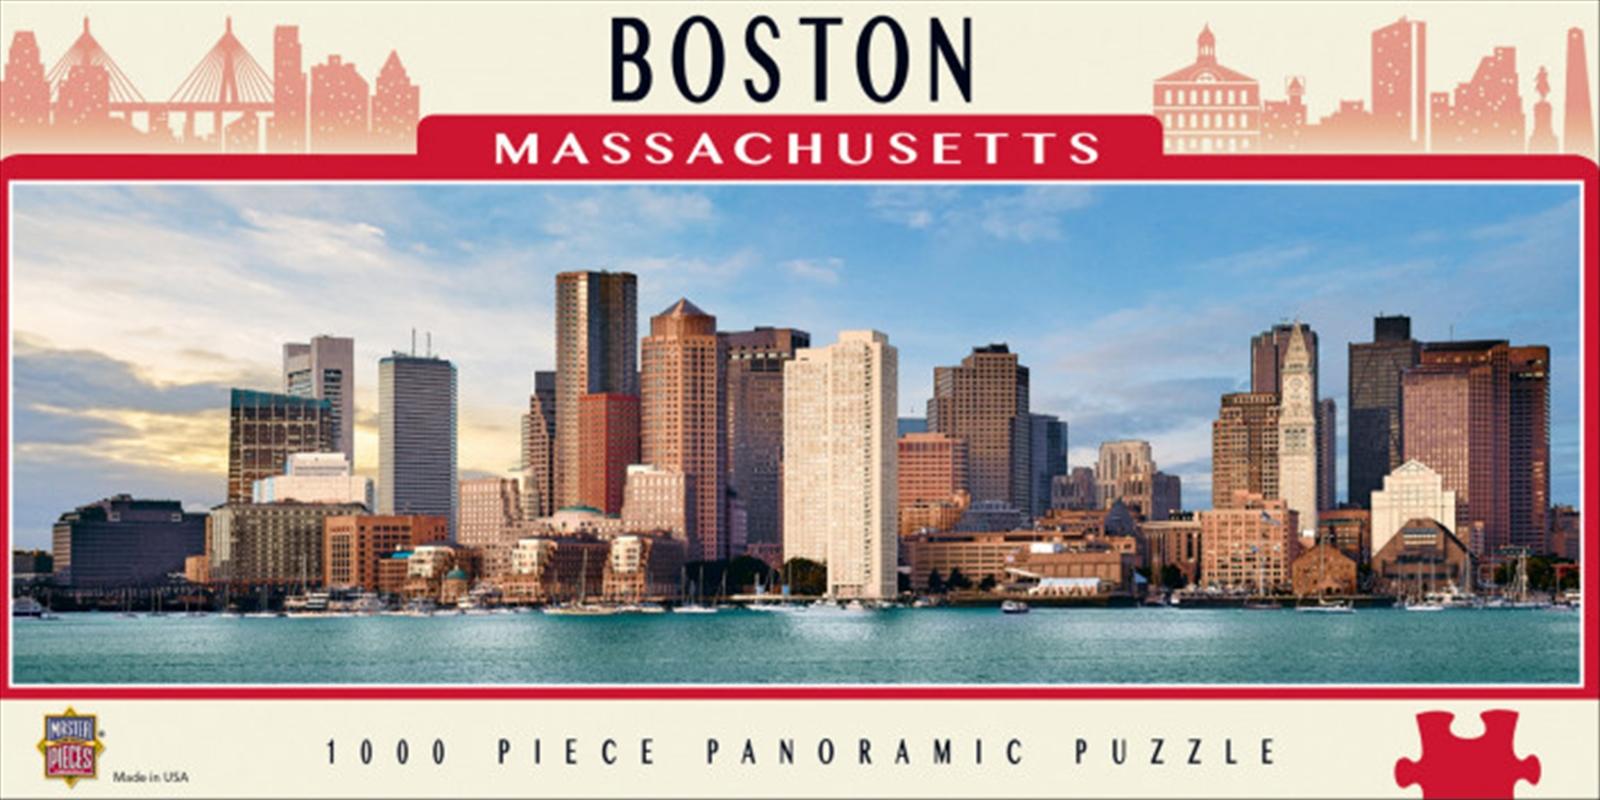 City Panoramic Boston 1000 Piece Puzzle | Merchandise